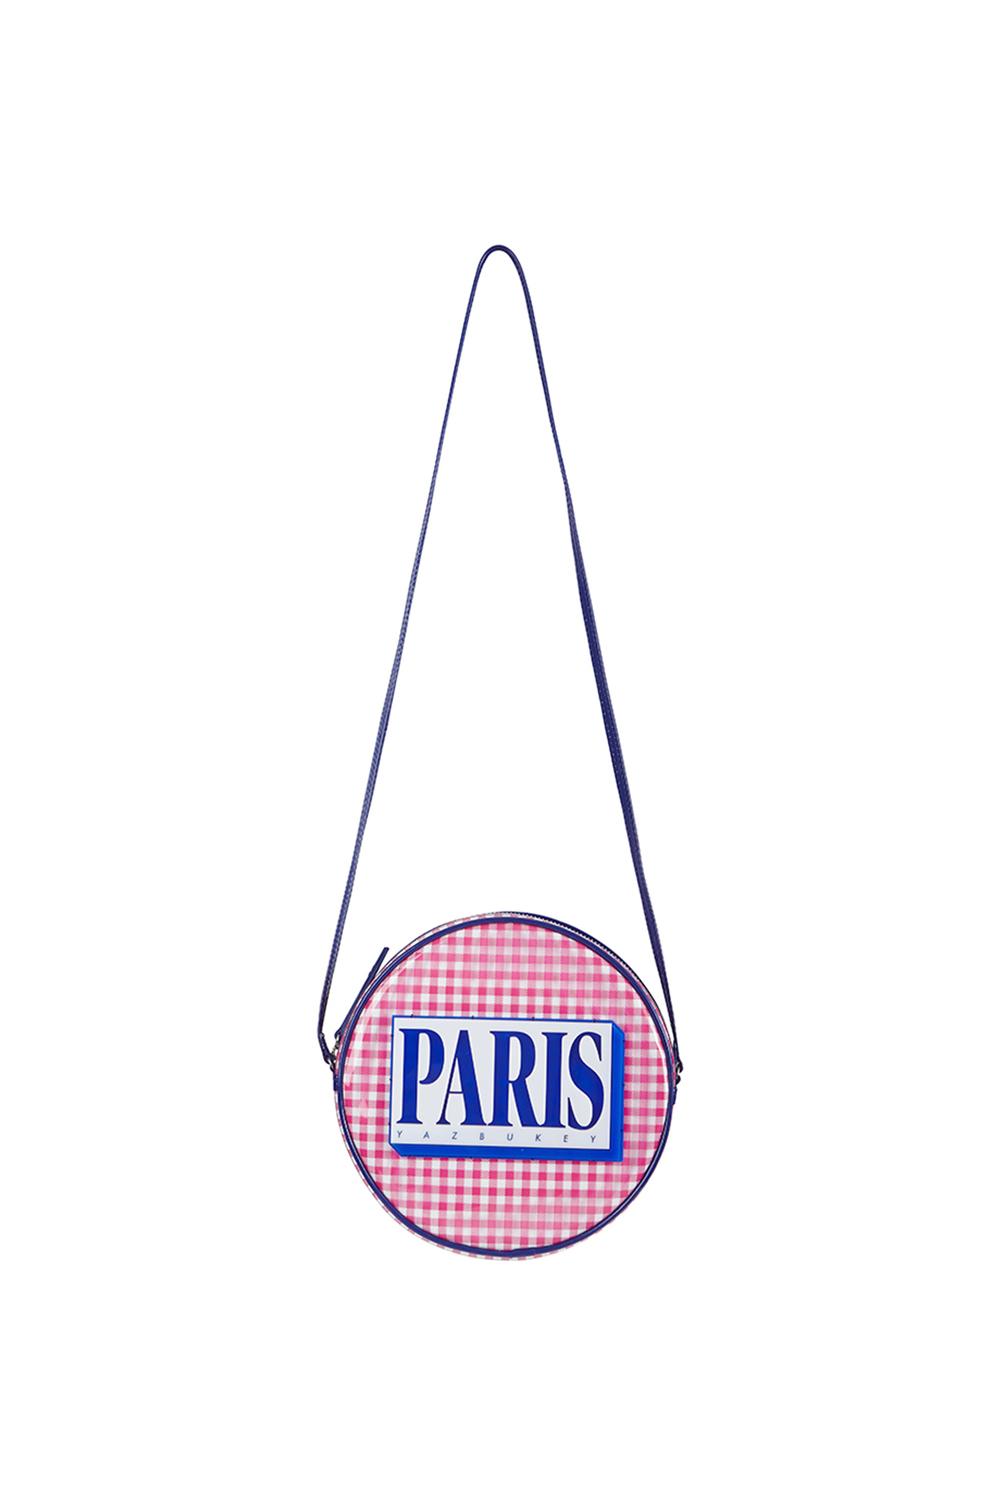 04-06-bags.jpg